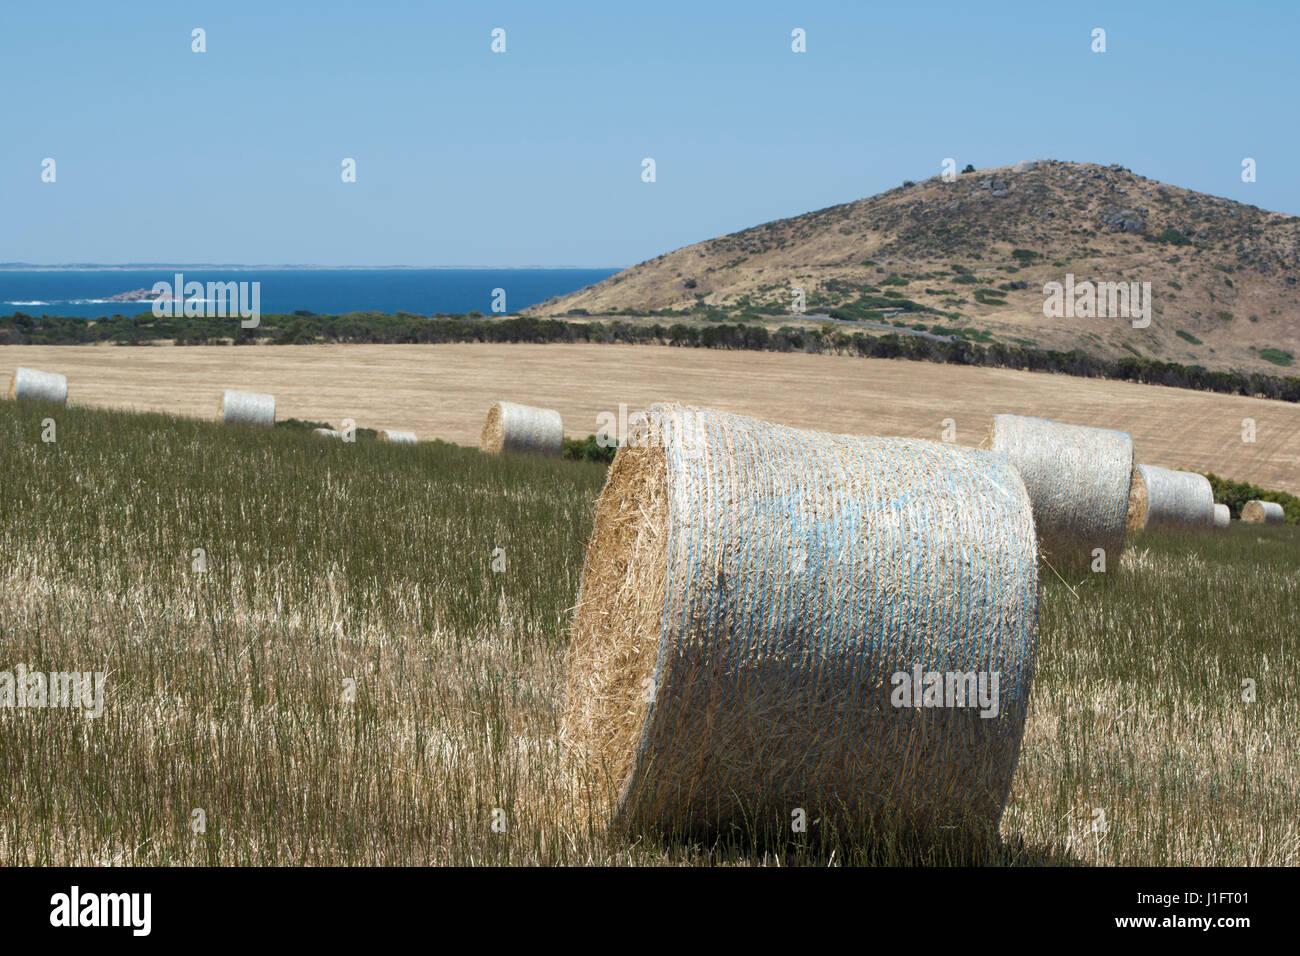 Settore della grande rotonda di balle di fieno in un campo situato a Kings Beach, Victor Harbor, Fleurieu Peninsula, Sud Australia. Il Bluff in distanza. Foto Stock